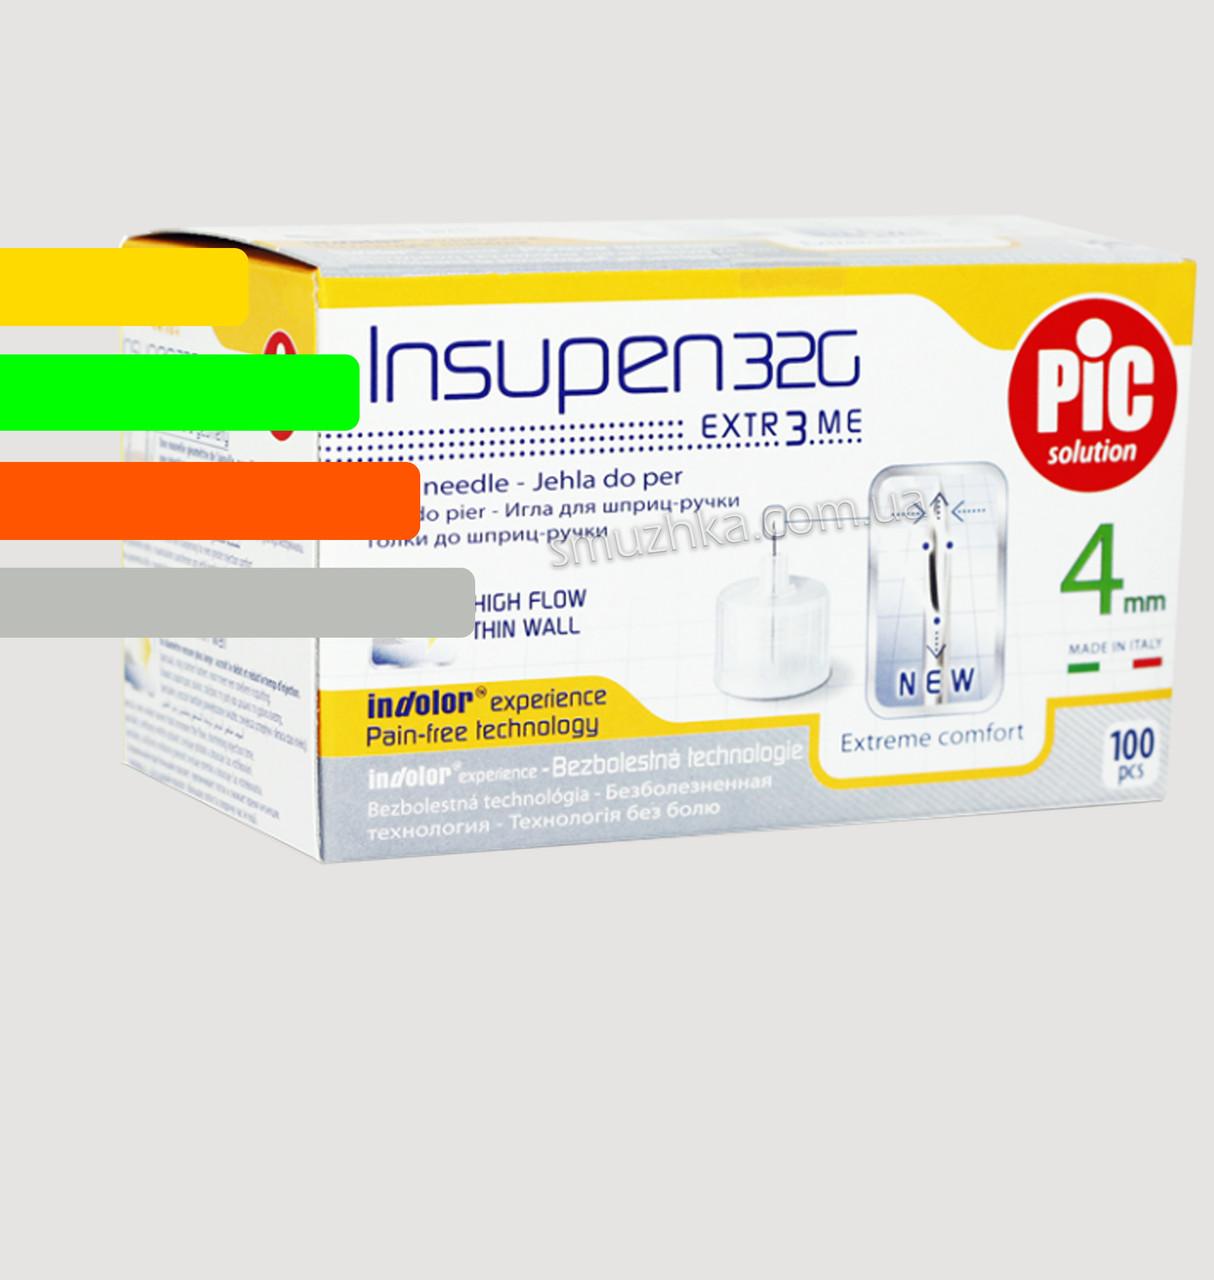 Иглы Инсупен 4 мм для шприц-ручек инсулиновых - Insupen 32G, 100 шт.